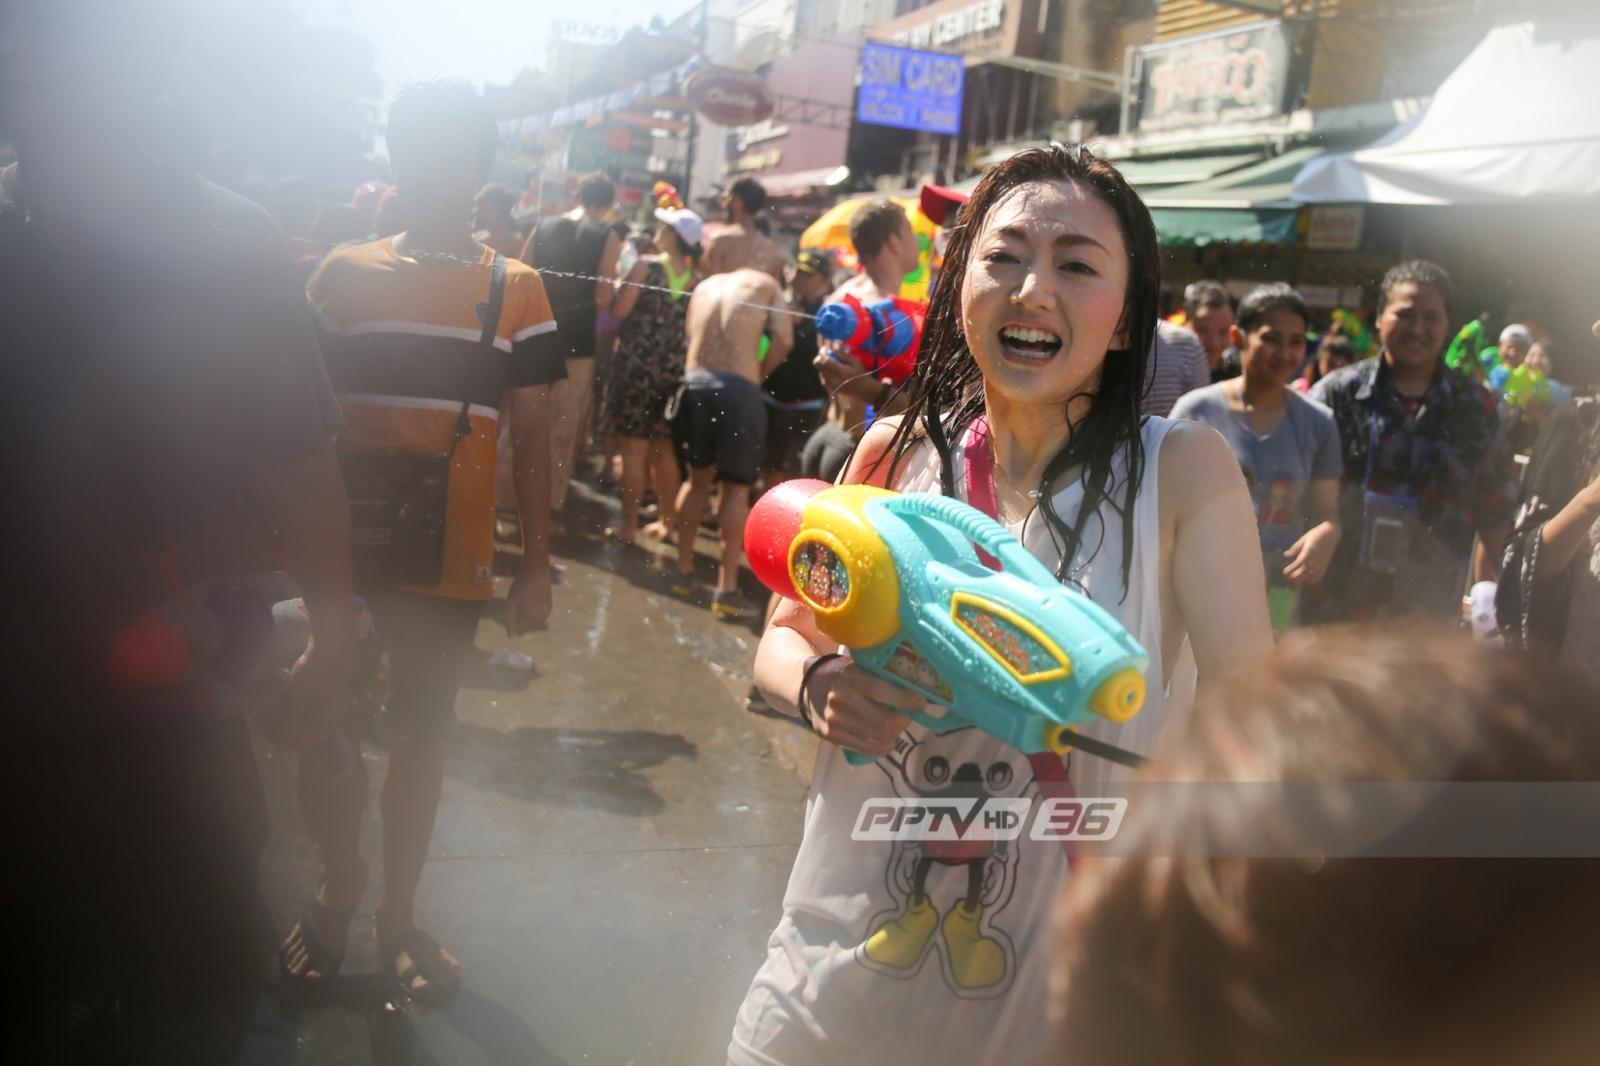 สงกรานต์ถนนข้าวสารวันแรก ชาวไทย-ต่างชาติเล่นน้ำคึกคัก